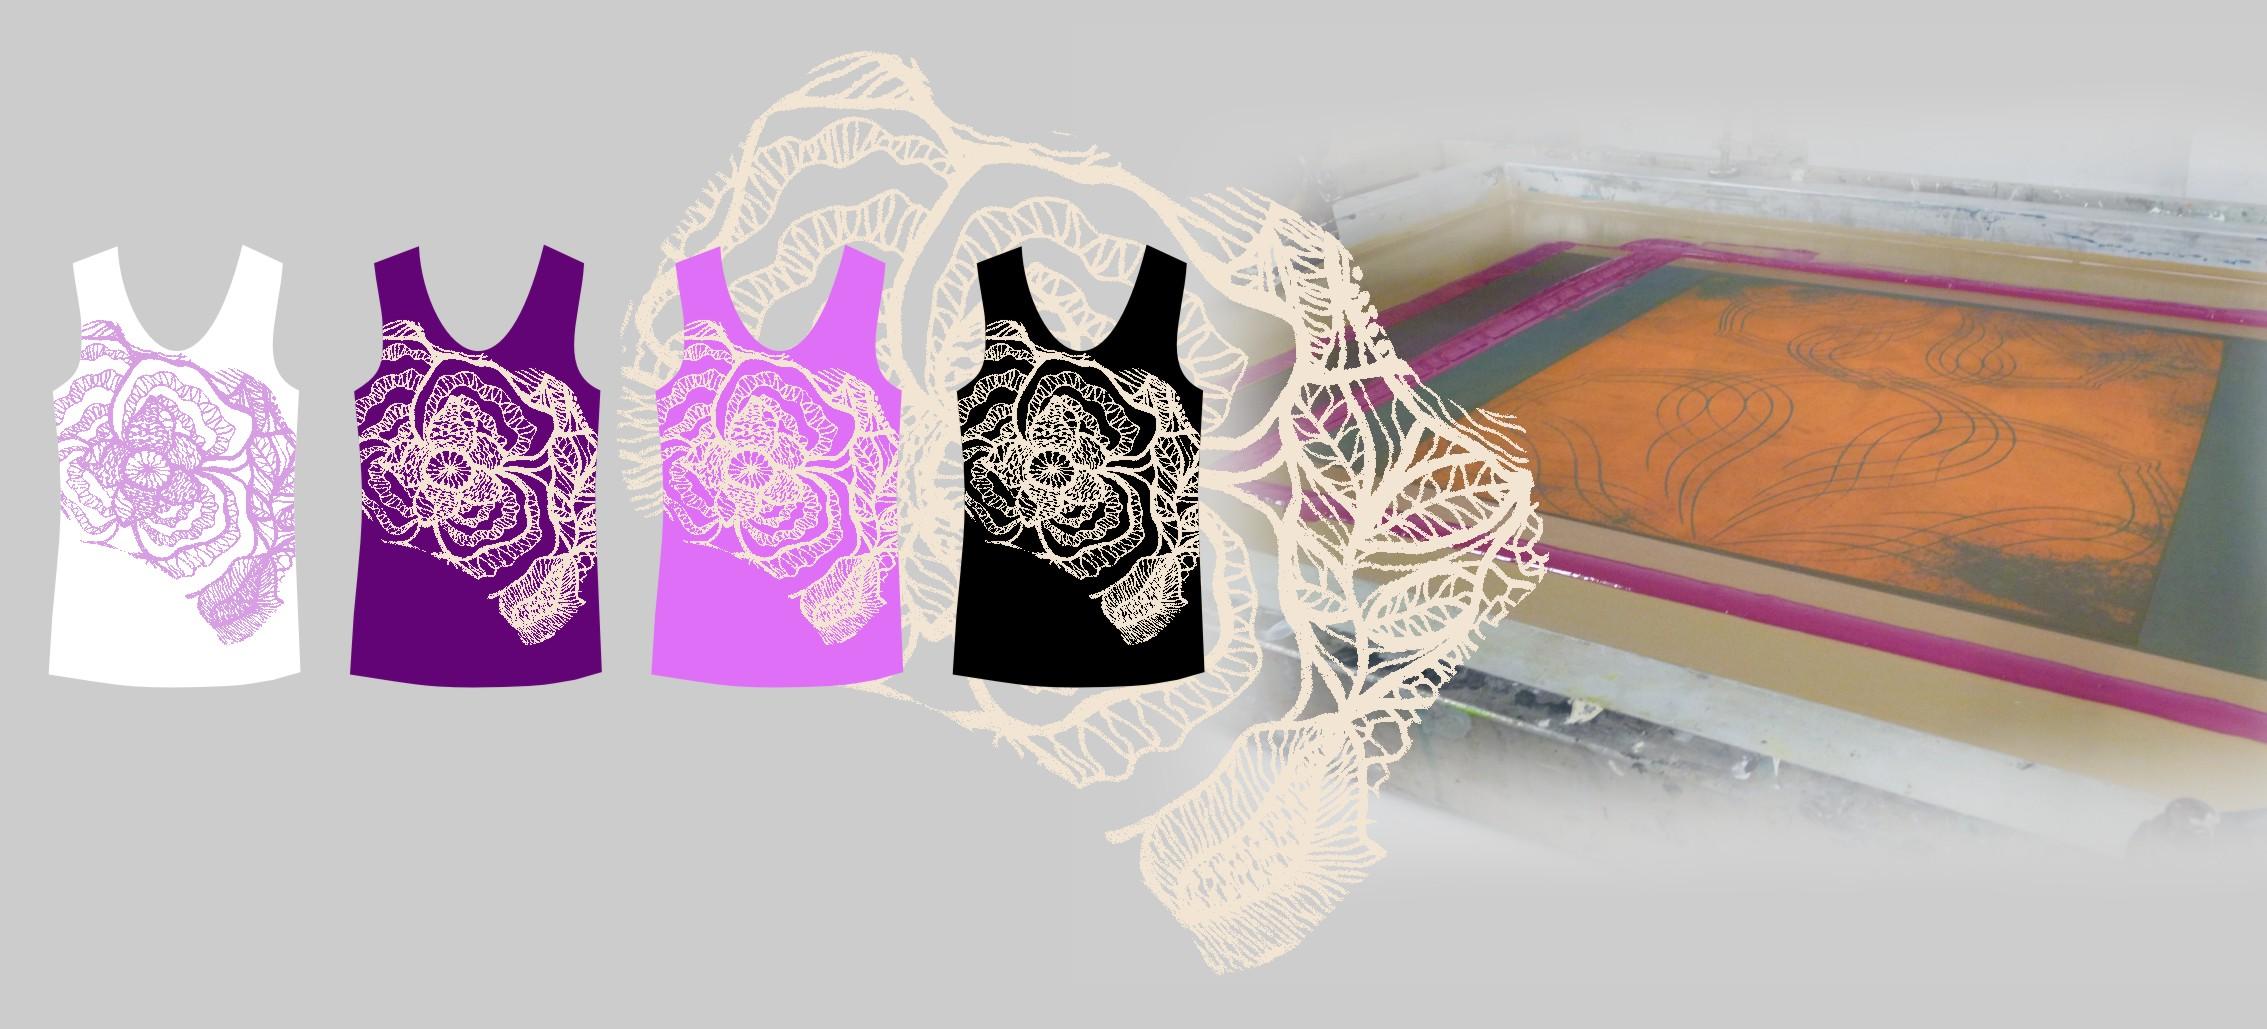 Als Lohndruckerei bieten wir technischen Siebdruck & Textildruck für Unternehmen mit höchstem Anspruch